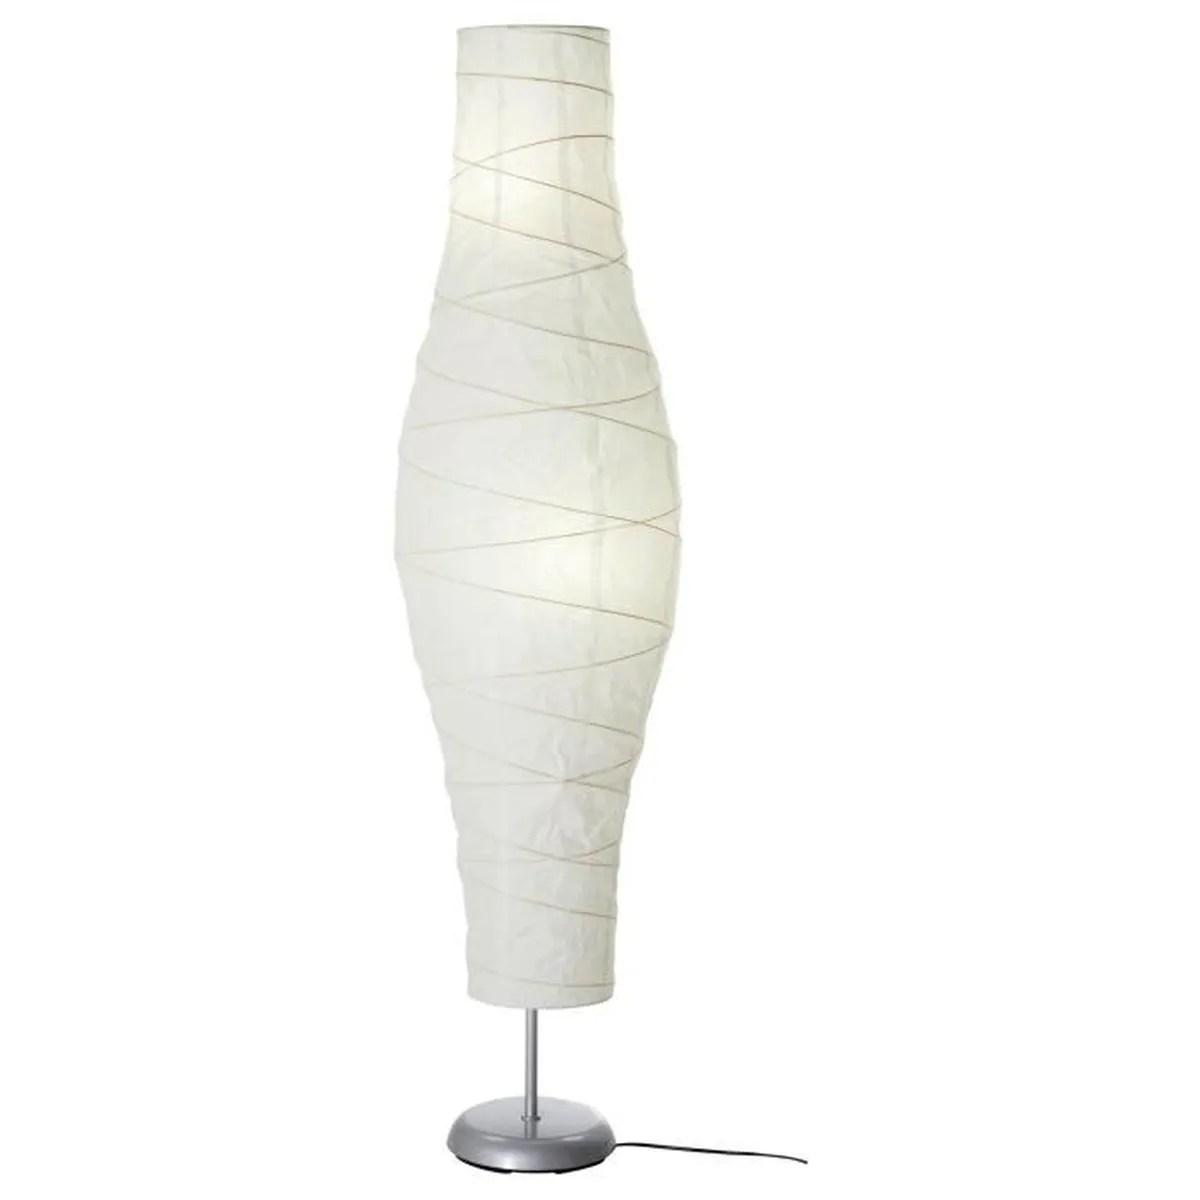 Ikea Lampadaire Papier Blanc Hauteur 137cm